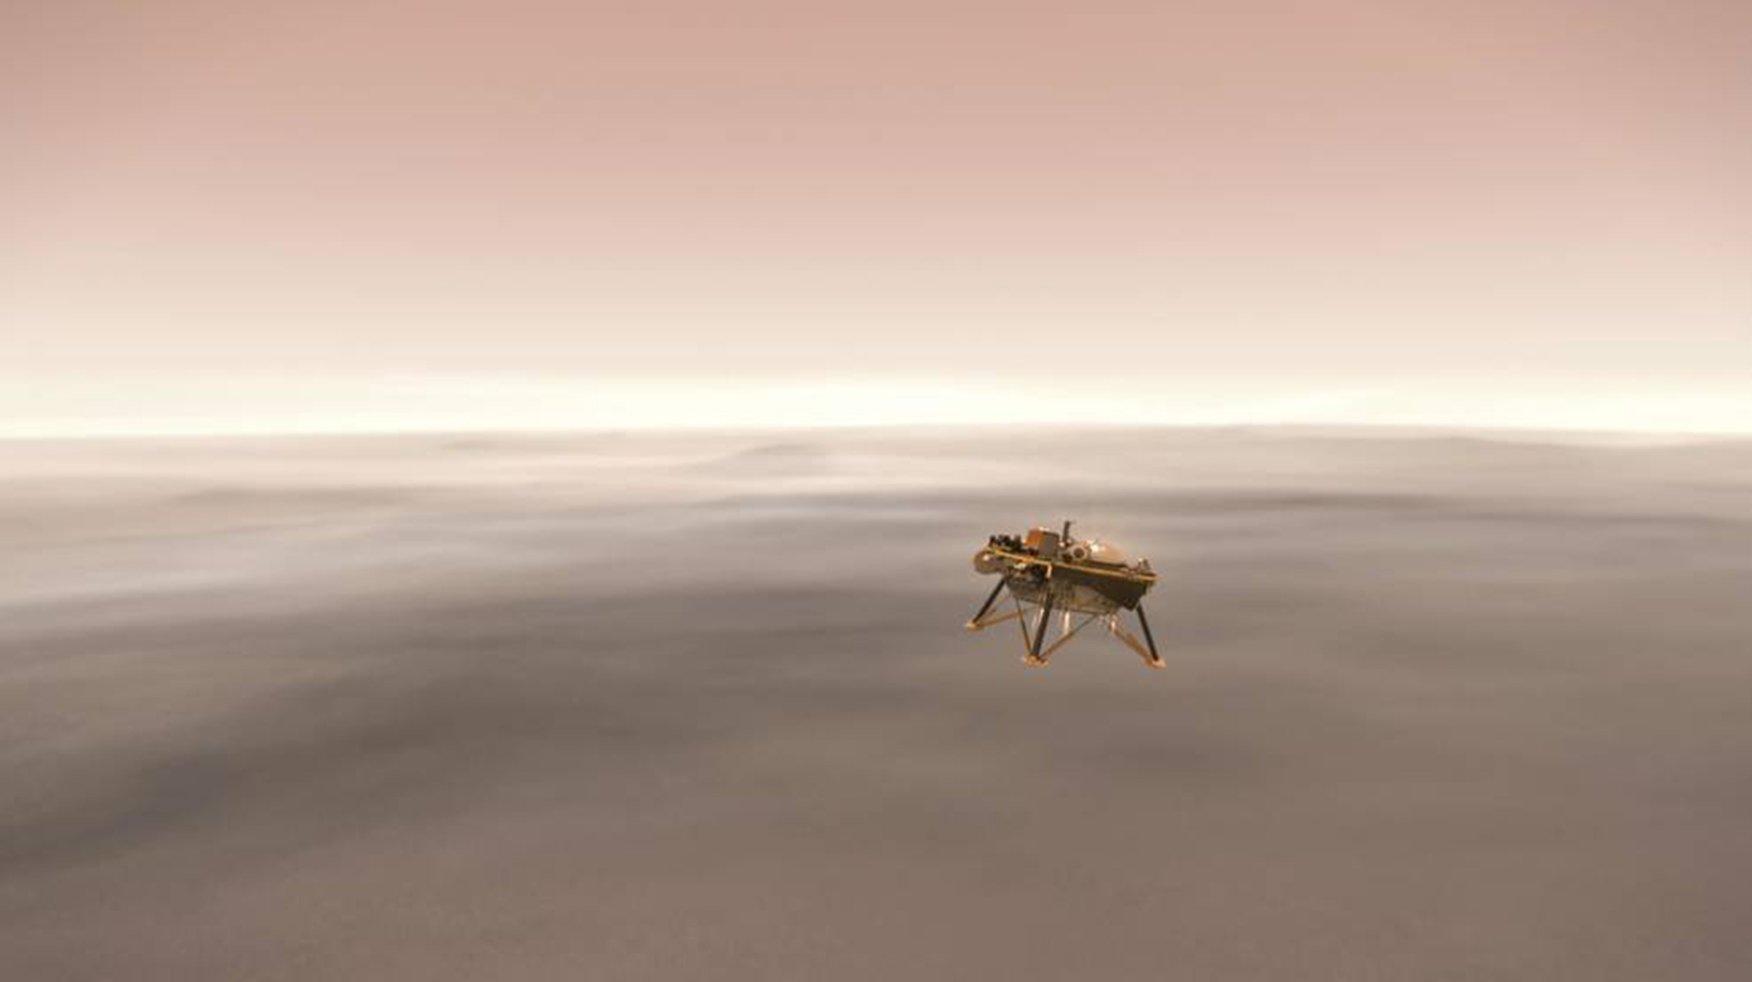 周一(11月26日)下午,美國太空總署(NASA)宣佈,洞察號火星探測器(InSight Lander)已經成功降落火星。(NASA)